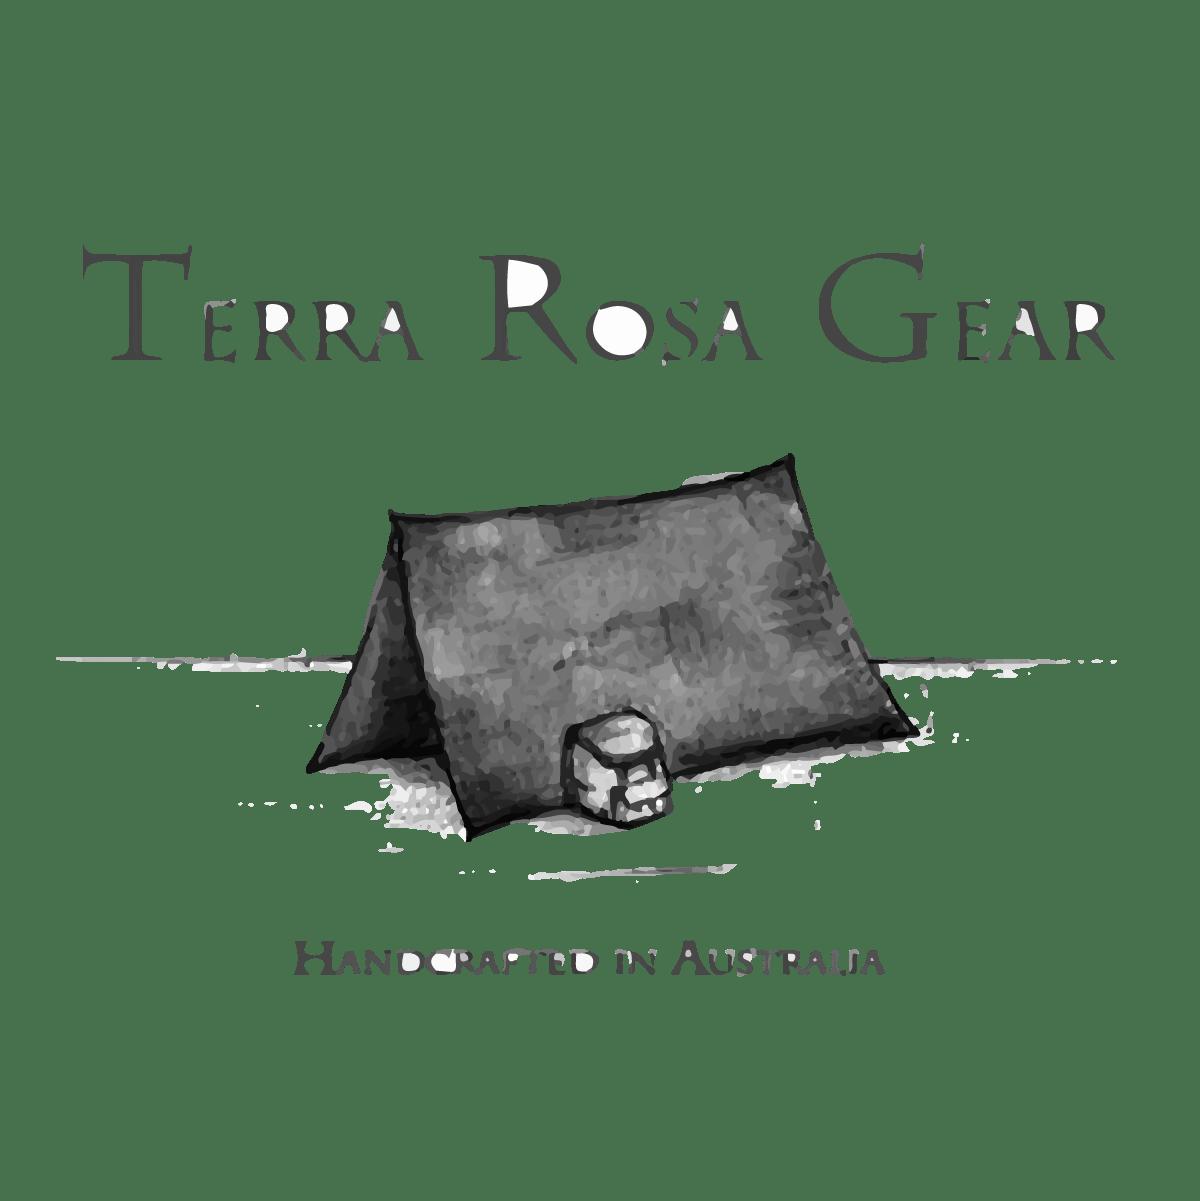 Terra Rosa Gear